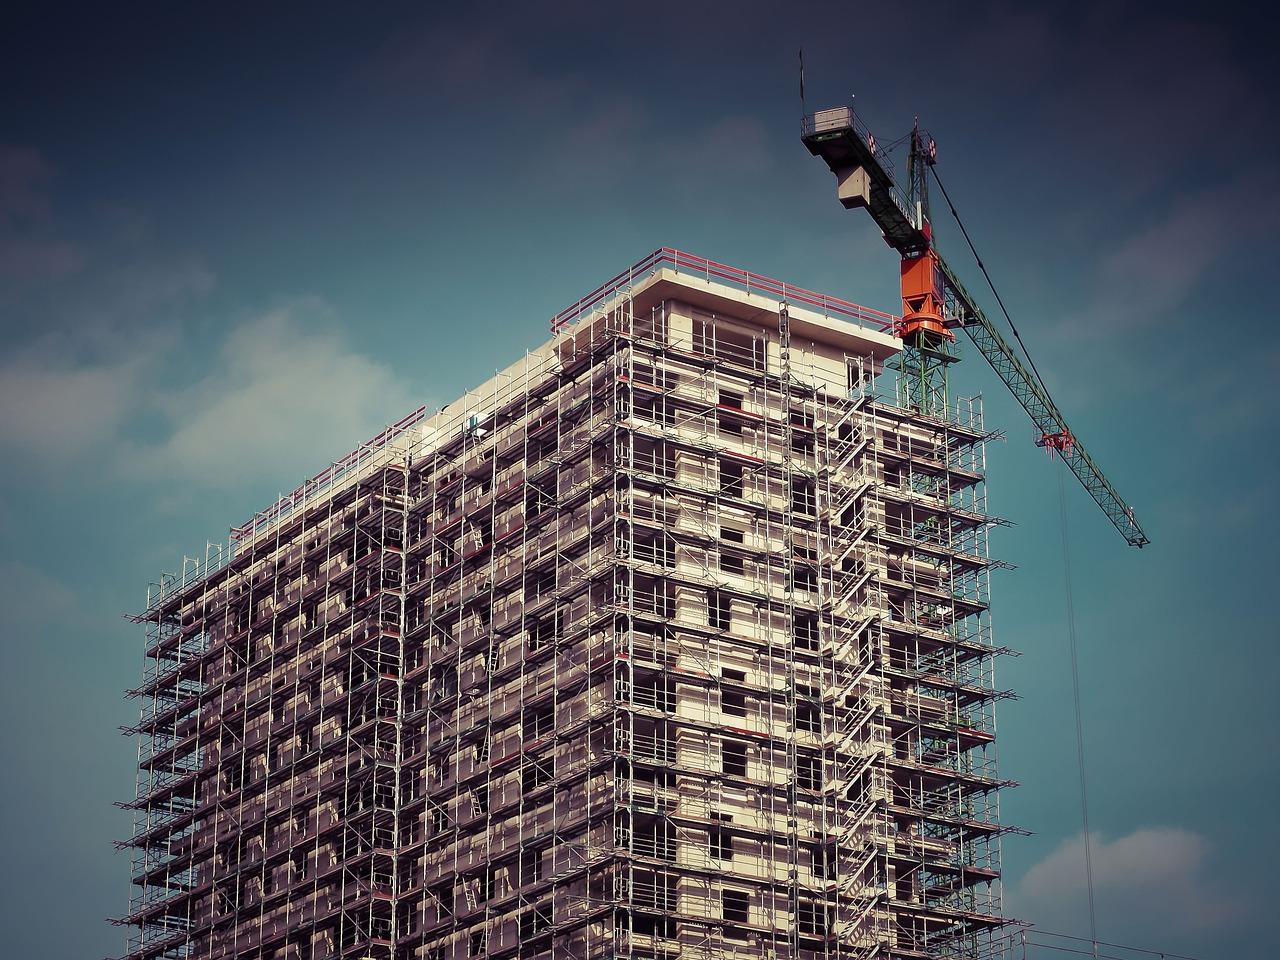 בניית דירות למגורים (צילום אילוסטרציה pixabay)